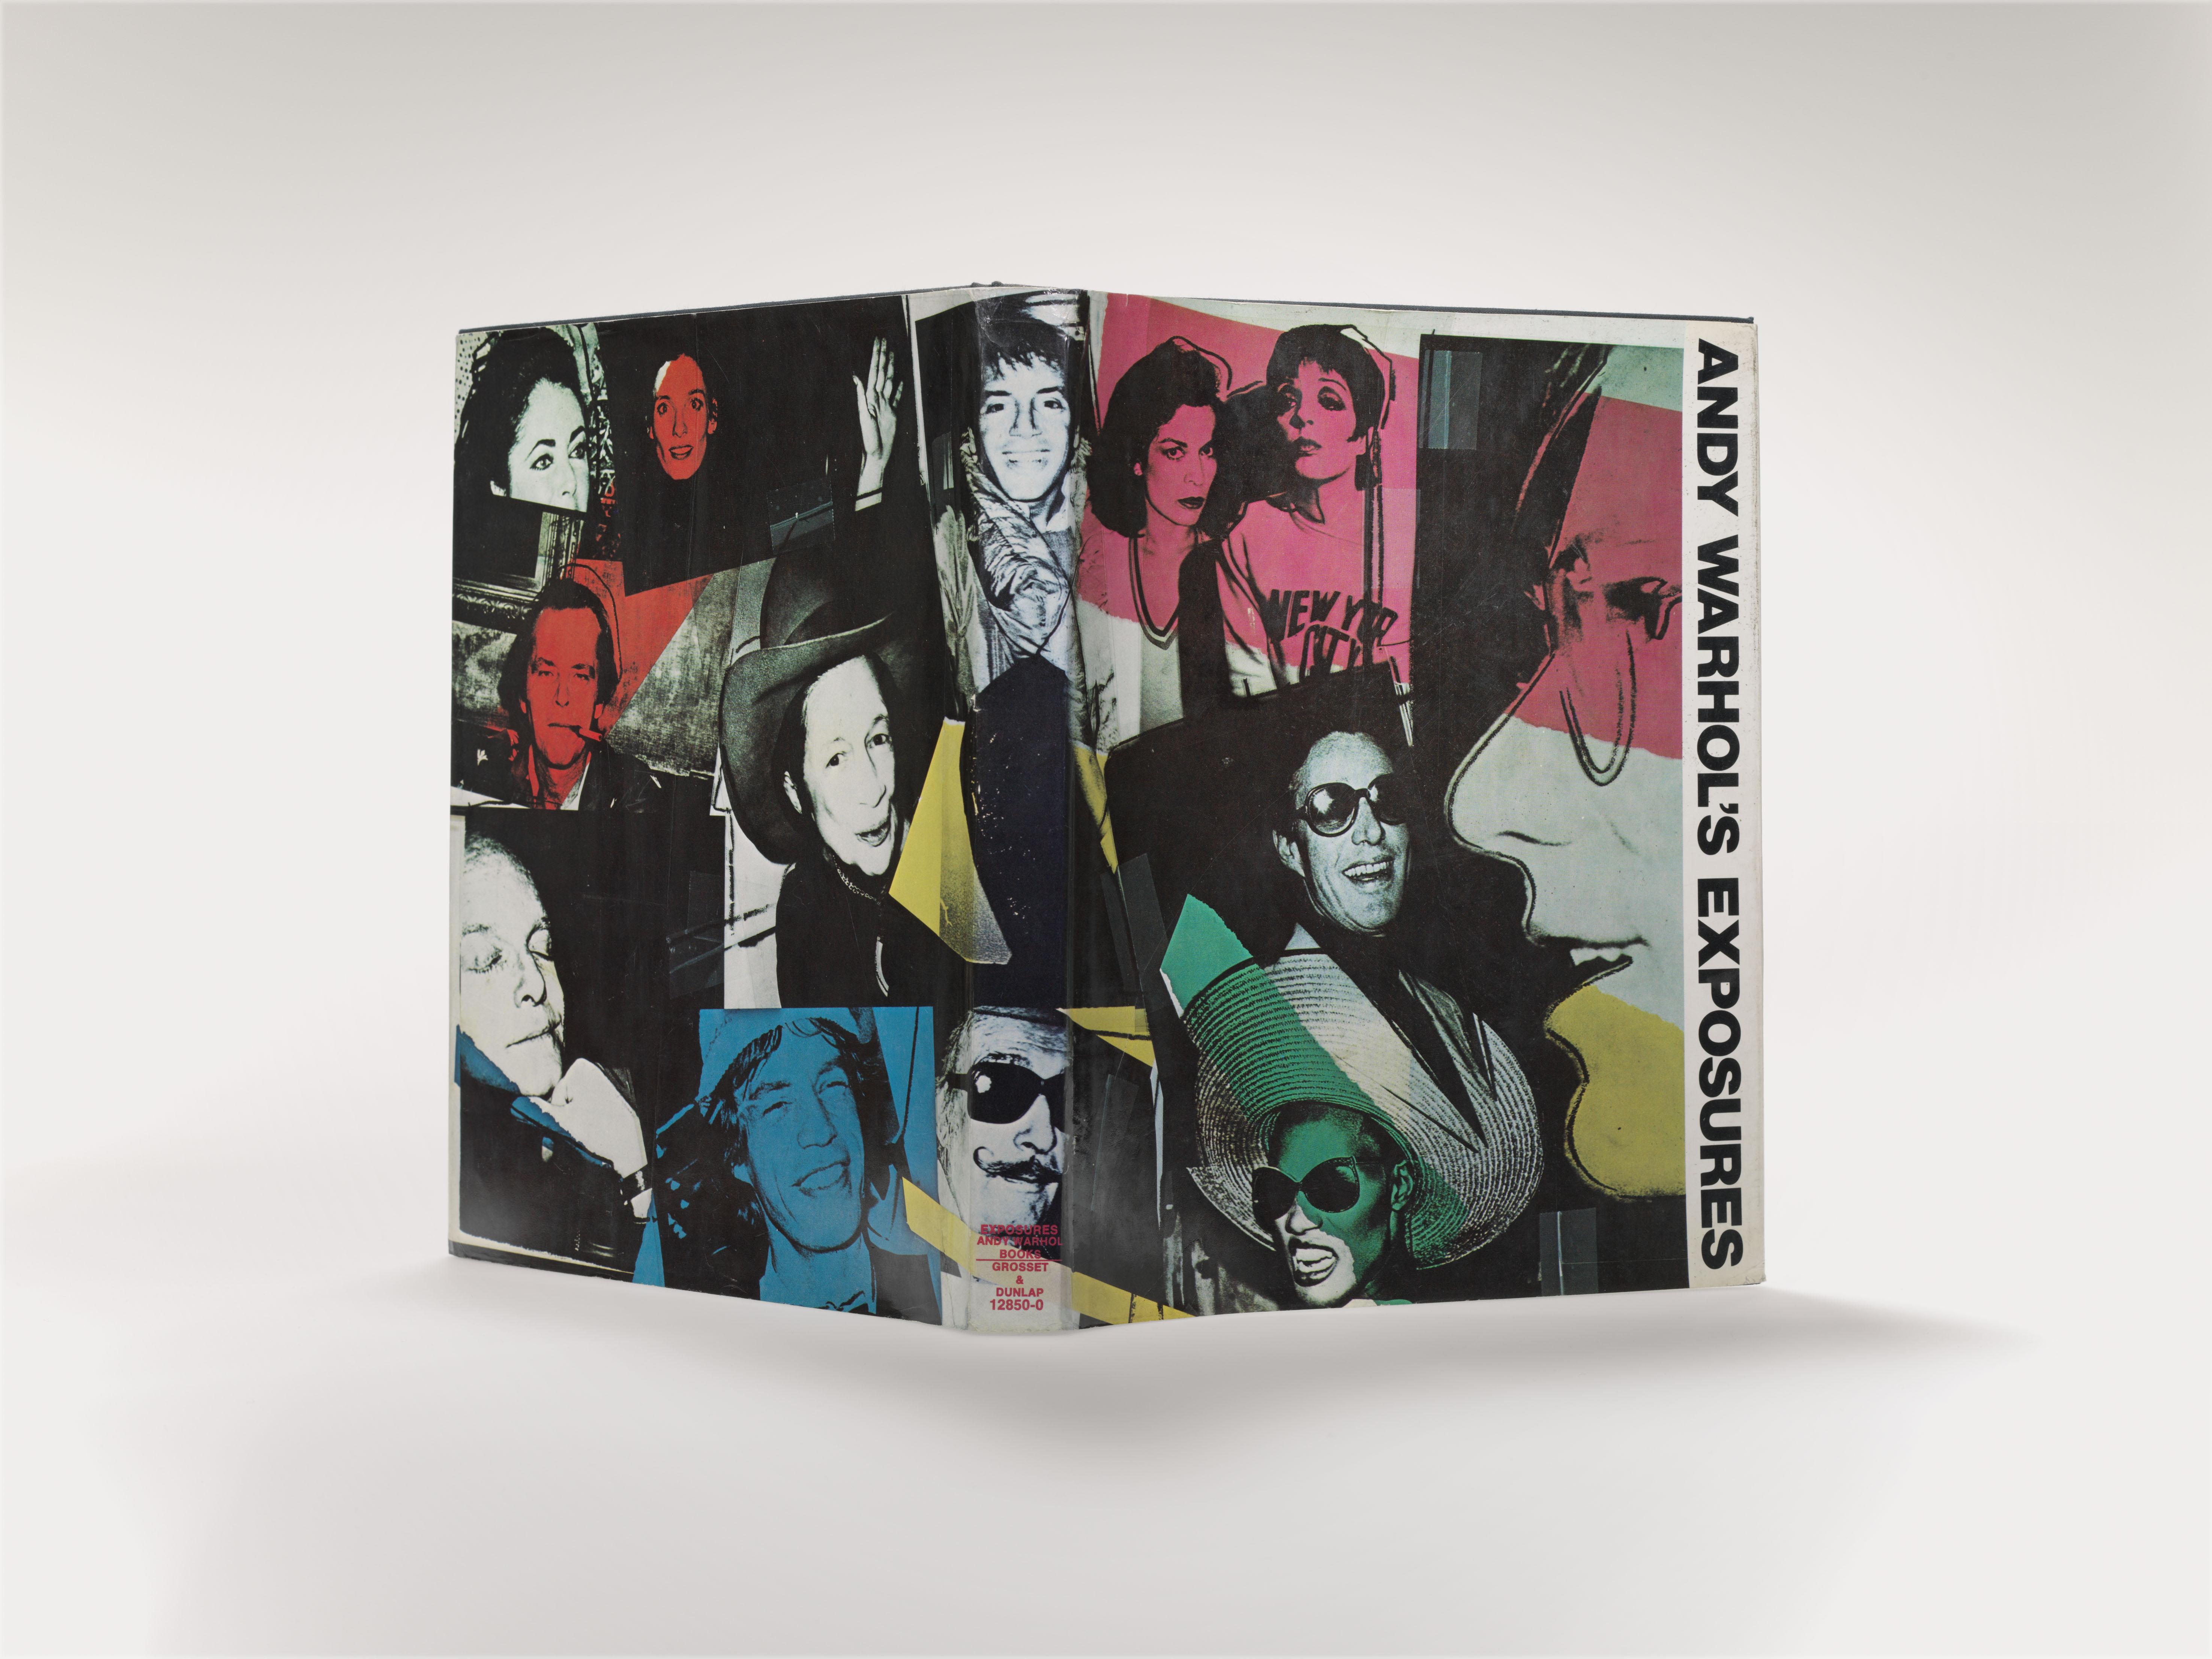 2013-09-24-Warhol_Exposurese.jpg